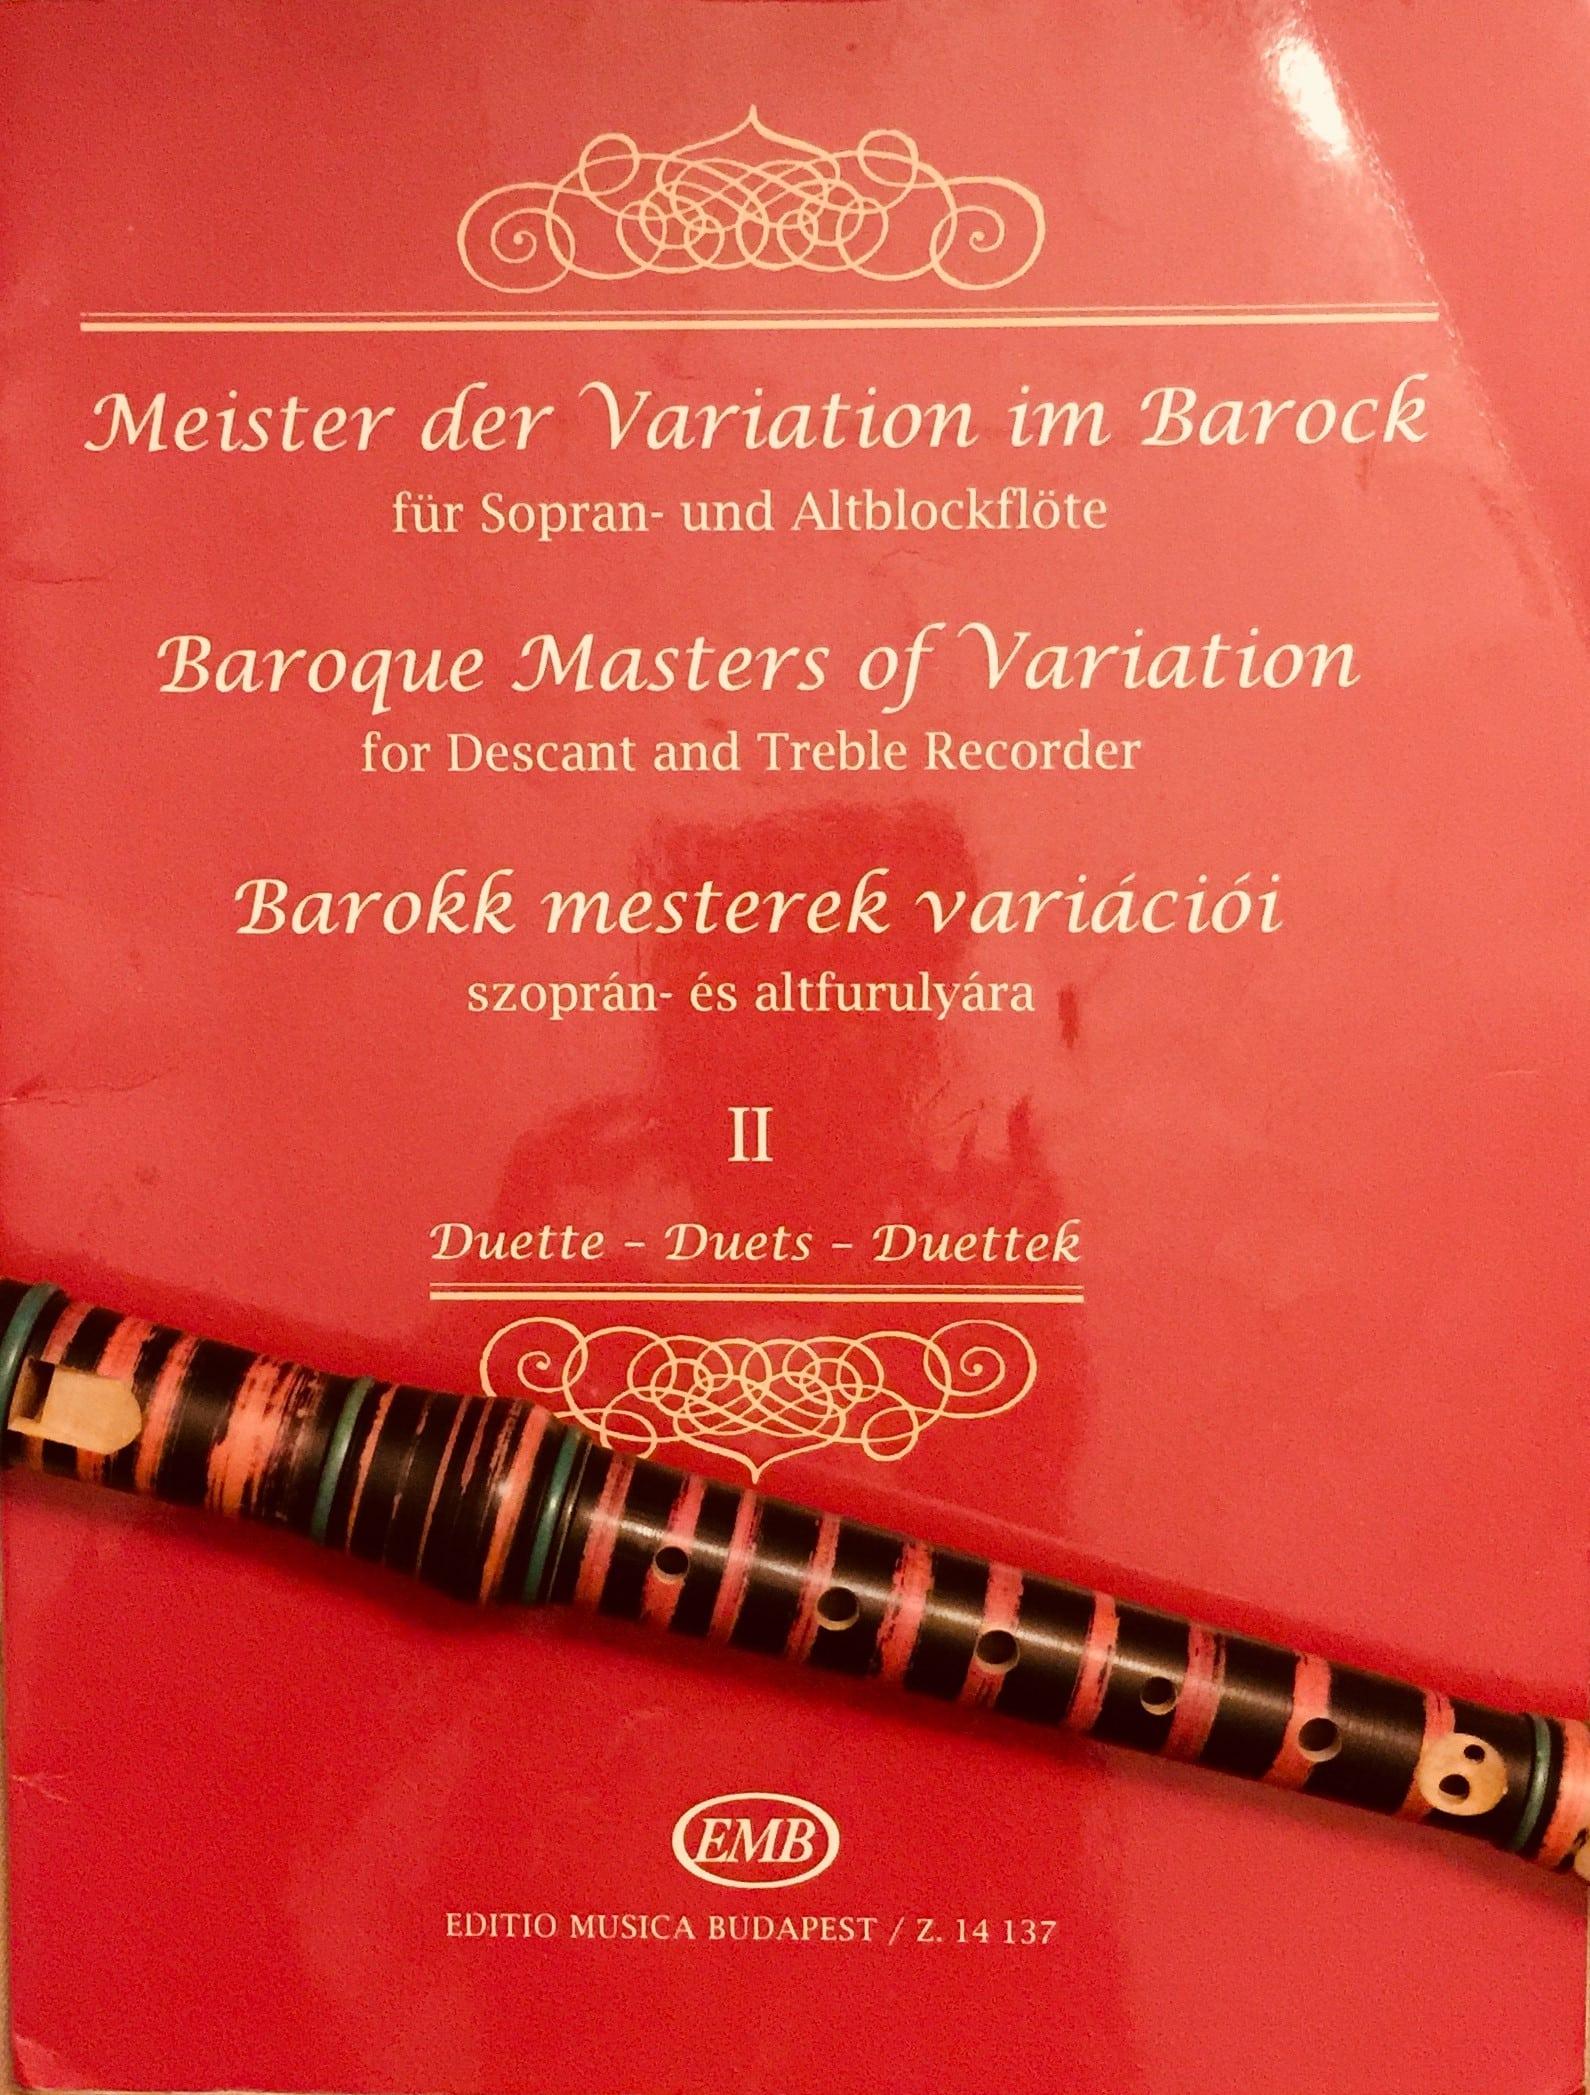 Rotes Notenbuch mit barockem Musiktitel